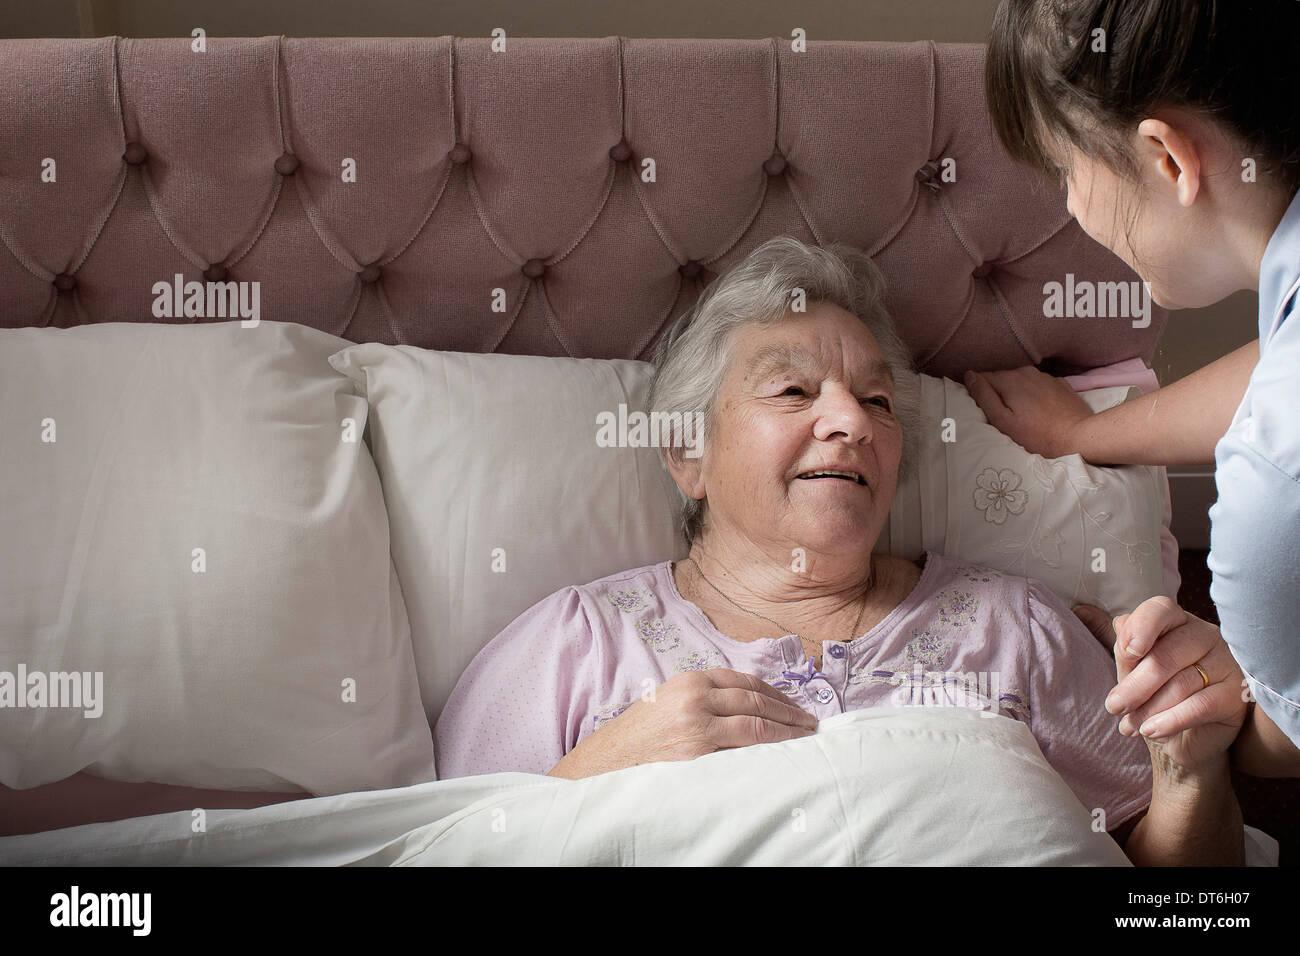 Assistant de soins personnels pour chat senior woman in bed Banque D'Images